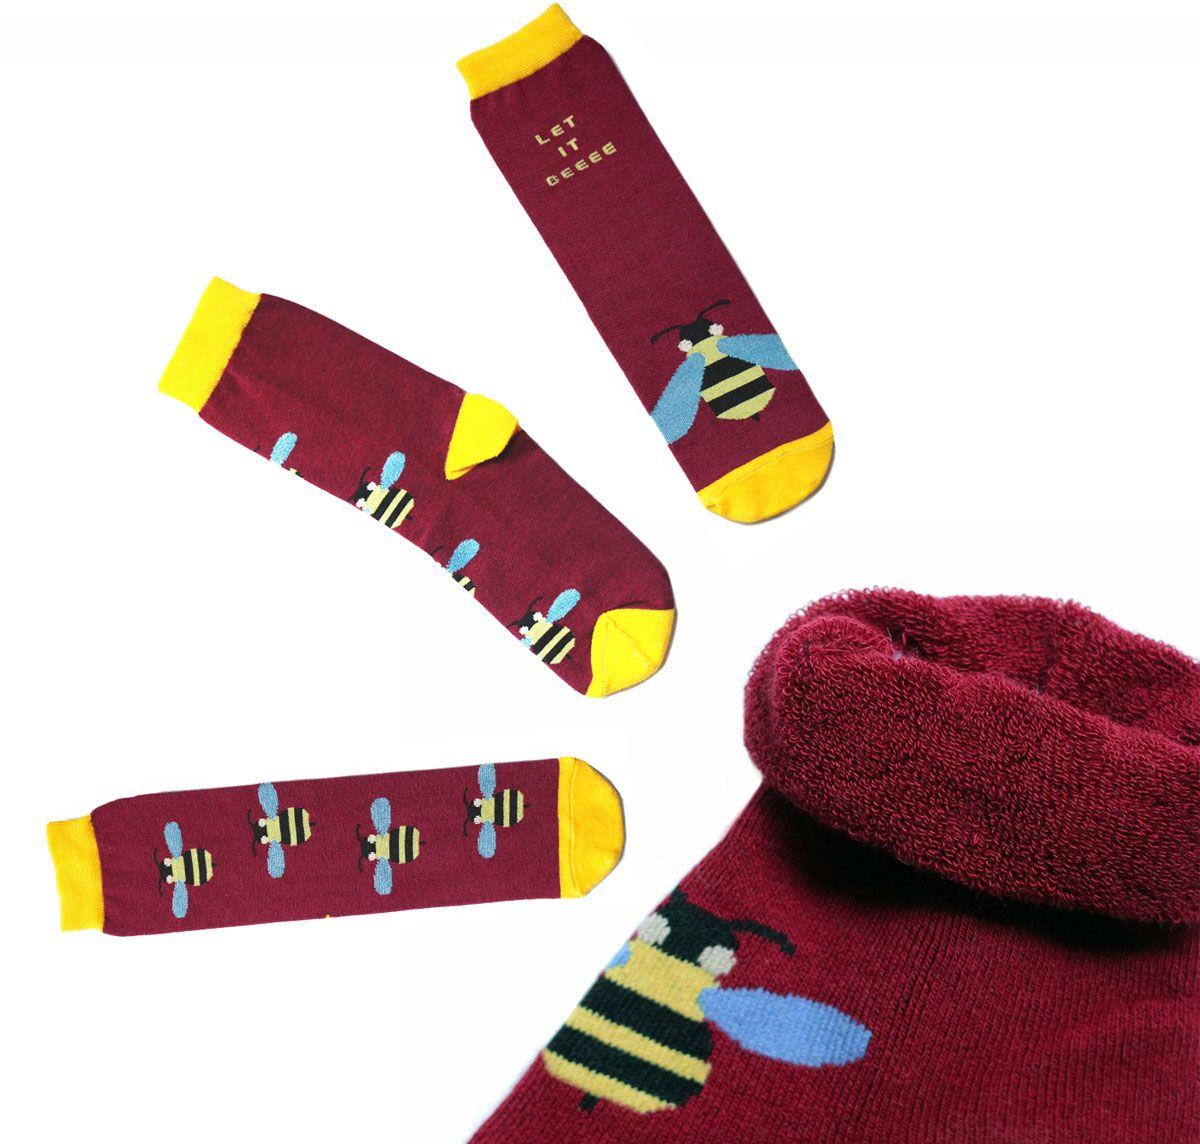 Носкиca11033Мужские махровые носки Big Bang Socks изготовлены из высококачественного хлопка с добавлением полиамидных и эластановых волокон, которые обеспечивают великолепную посадку. Удобная резинка идеально облегает ногу и не пережимает сосуды, а удлиненный паголенок придает более эстетичный вид. Мысок и пятка усилены. Модель оформлена принтом с изображением ос и надписью Let it beeee.